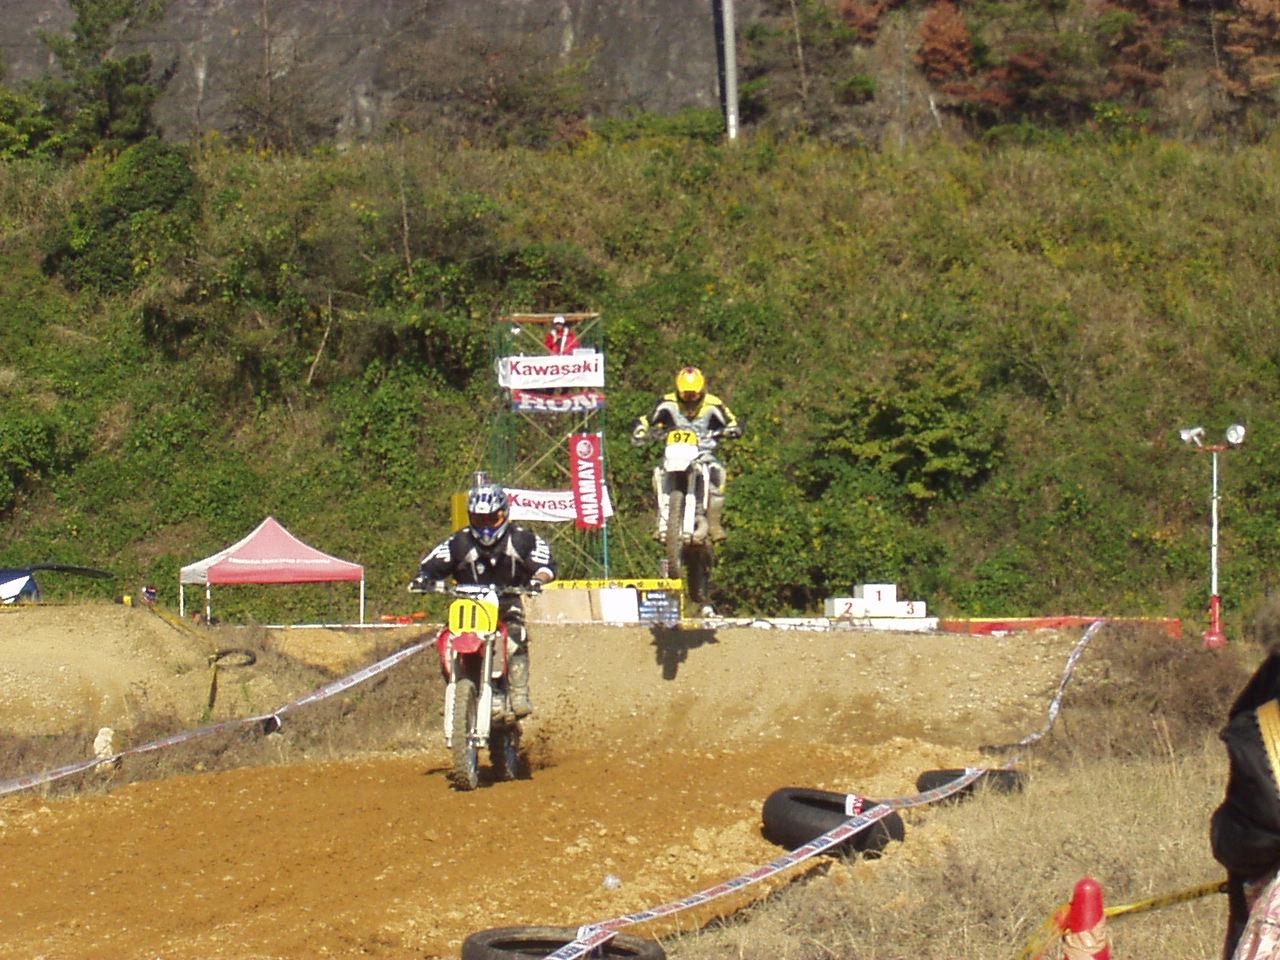 滋賀スポーツフェステバル_f0063246_16144618.jpg